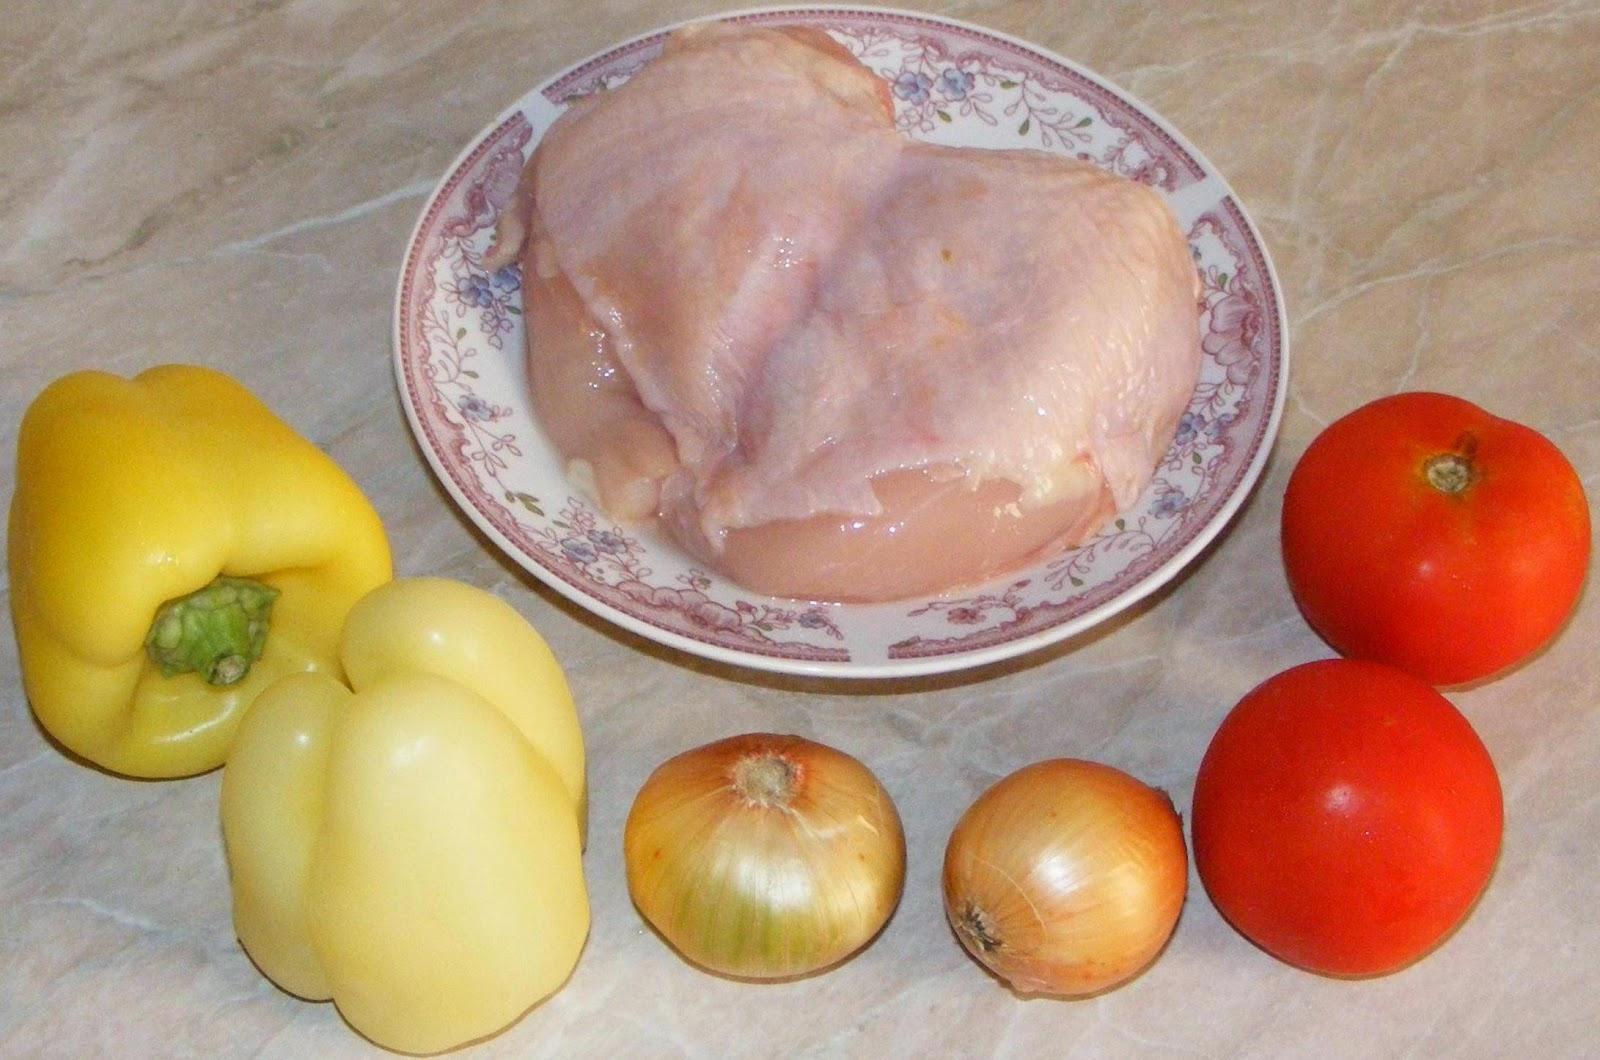 ingrediente frigarui de pui, retete si preparate culinare frigarui, cum se prepara frigaruile, cum facem frigarui, retete frigarui, reteta frigarui, retete cu pui, retete cu piept de pui,